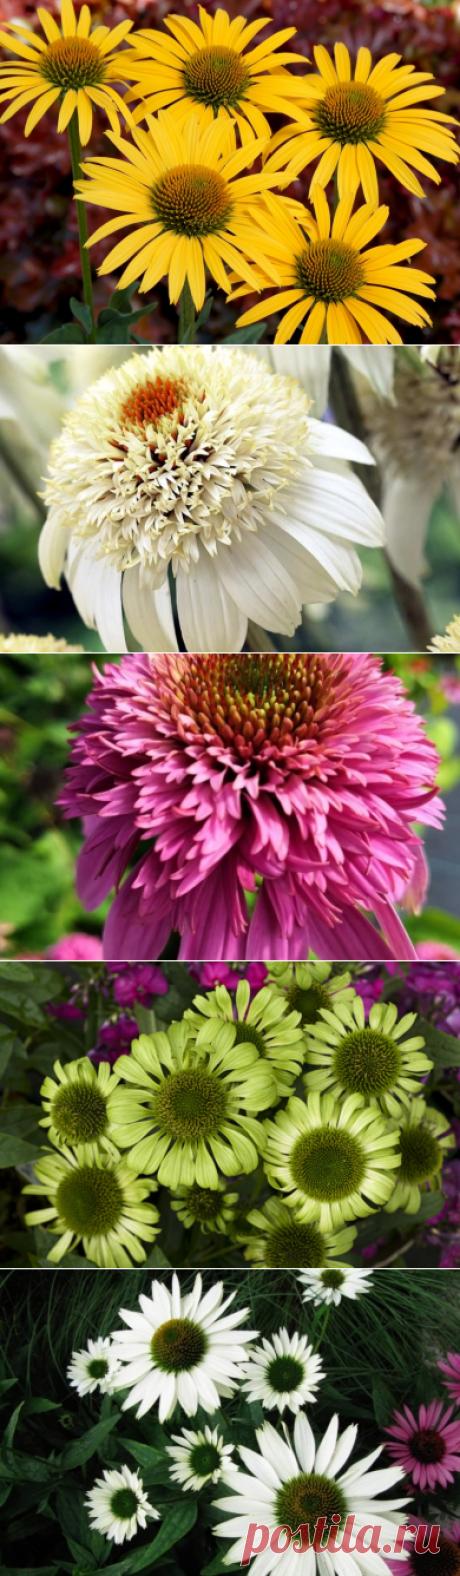 Ехінацея — особливості вирощування і найкрасивіші сорти. Опис, фото - ЗЕЛЕНА САДИБА